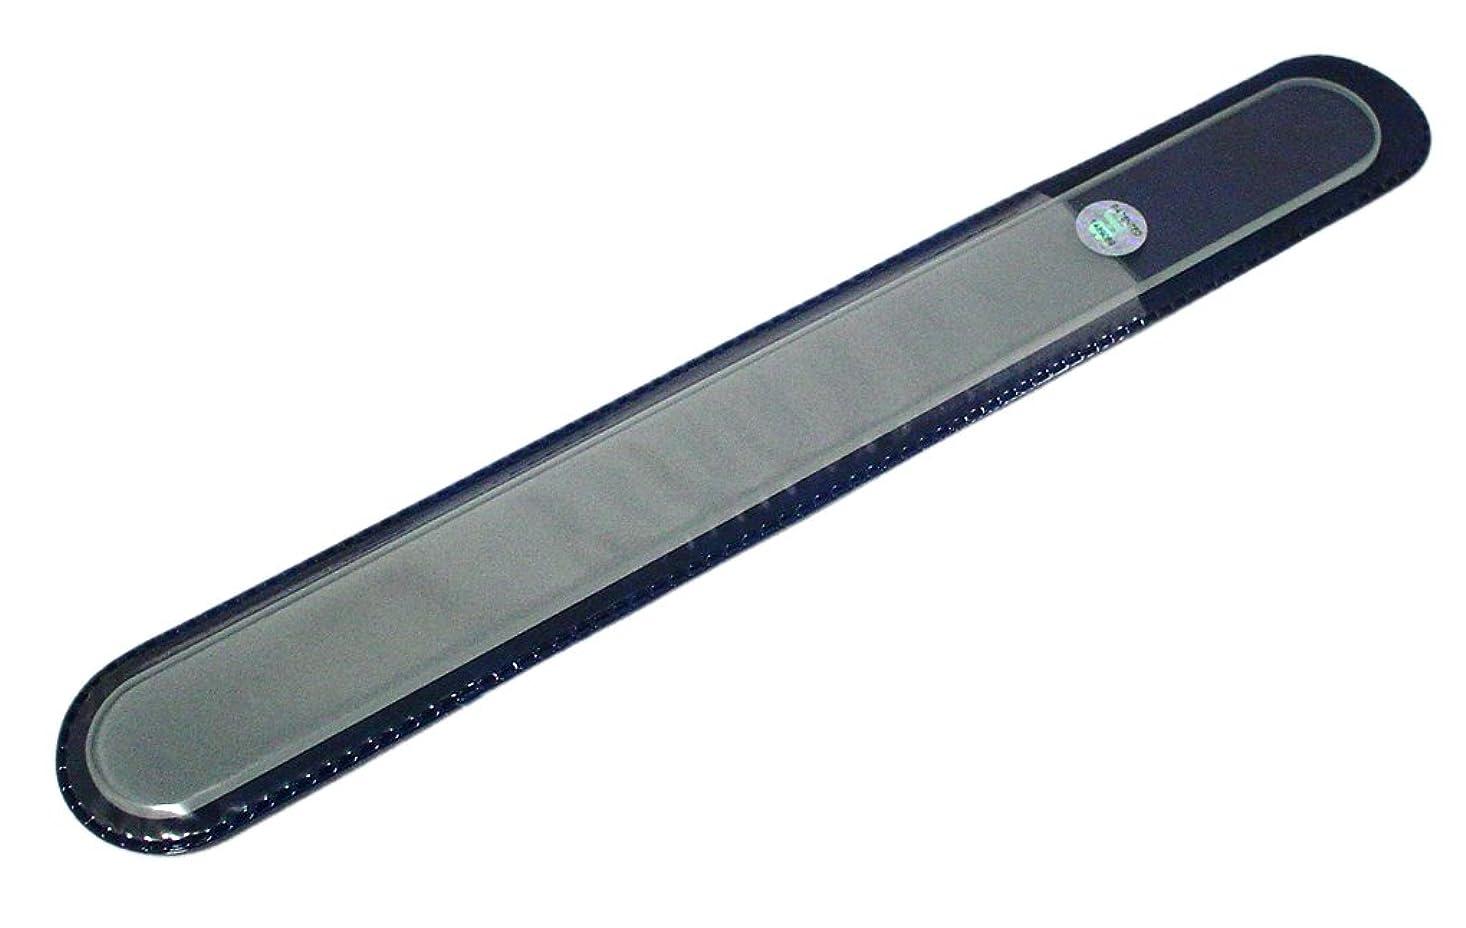 ベスビオ山イタリック乳BLAZEK(ブラジェク) ガラスやすり(爪?かかと用) プレーン Lサイズ200mm